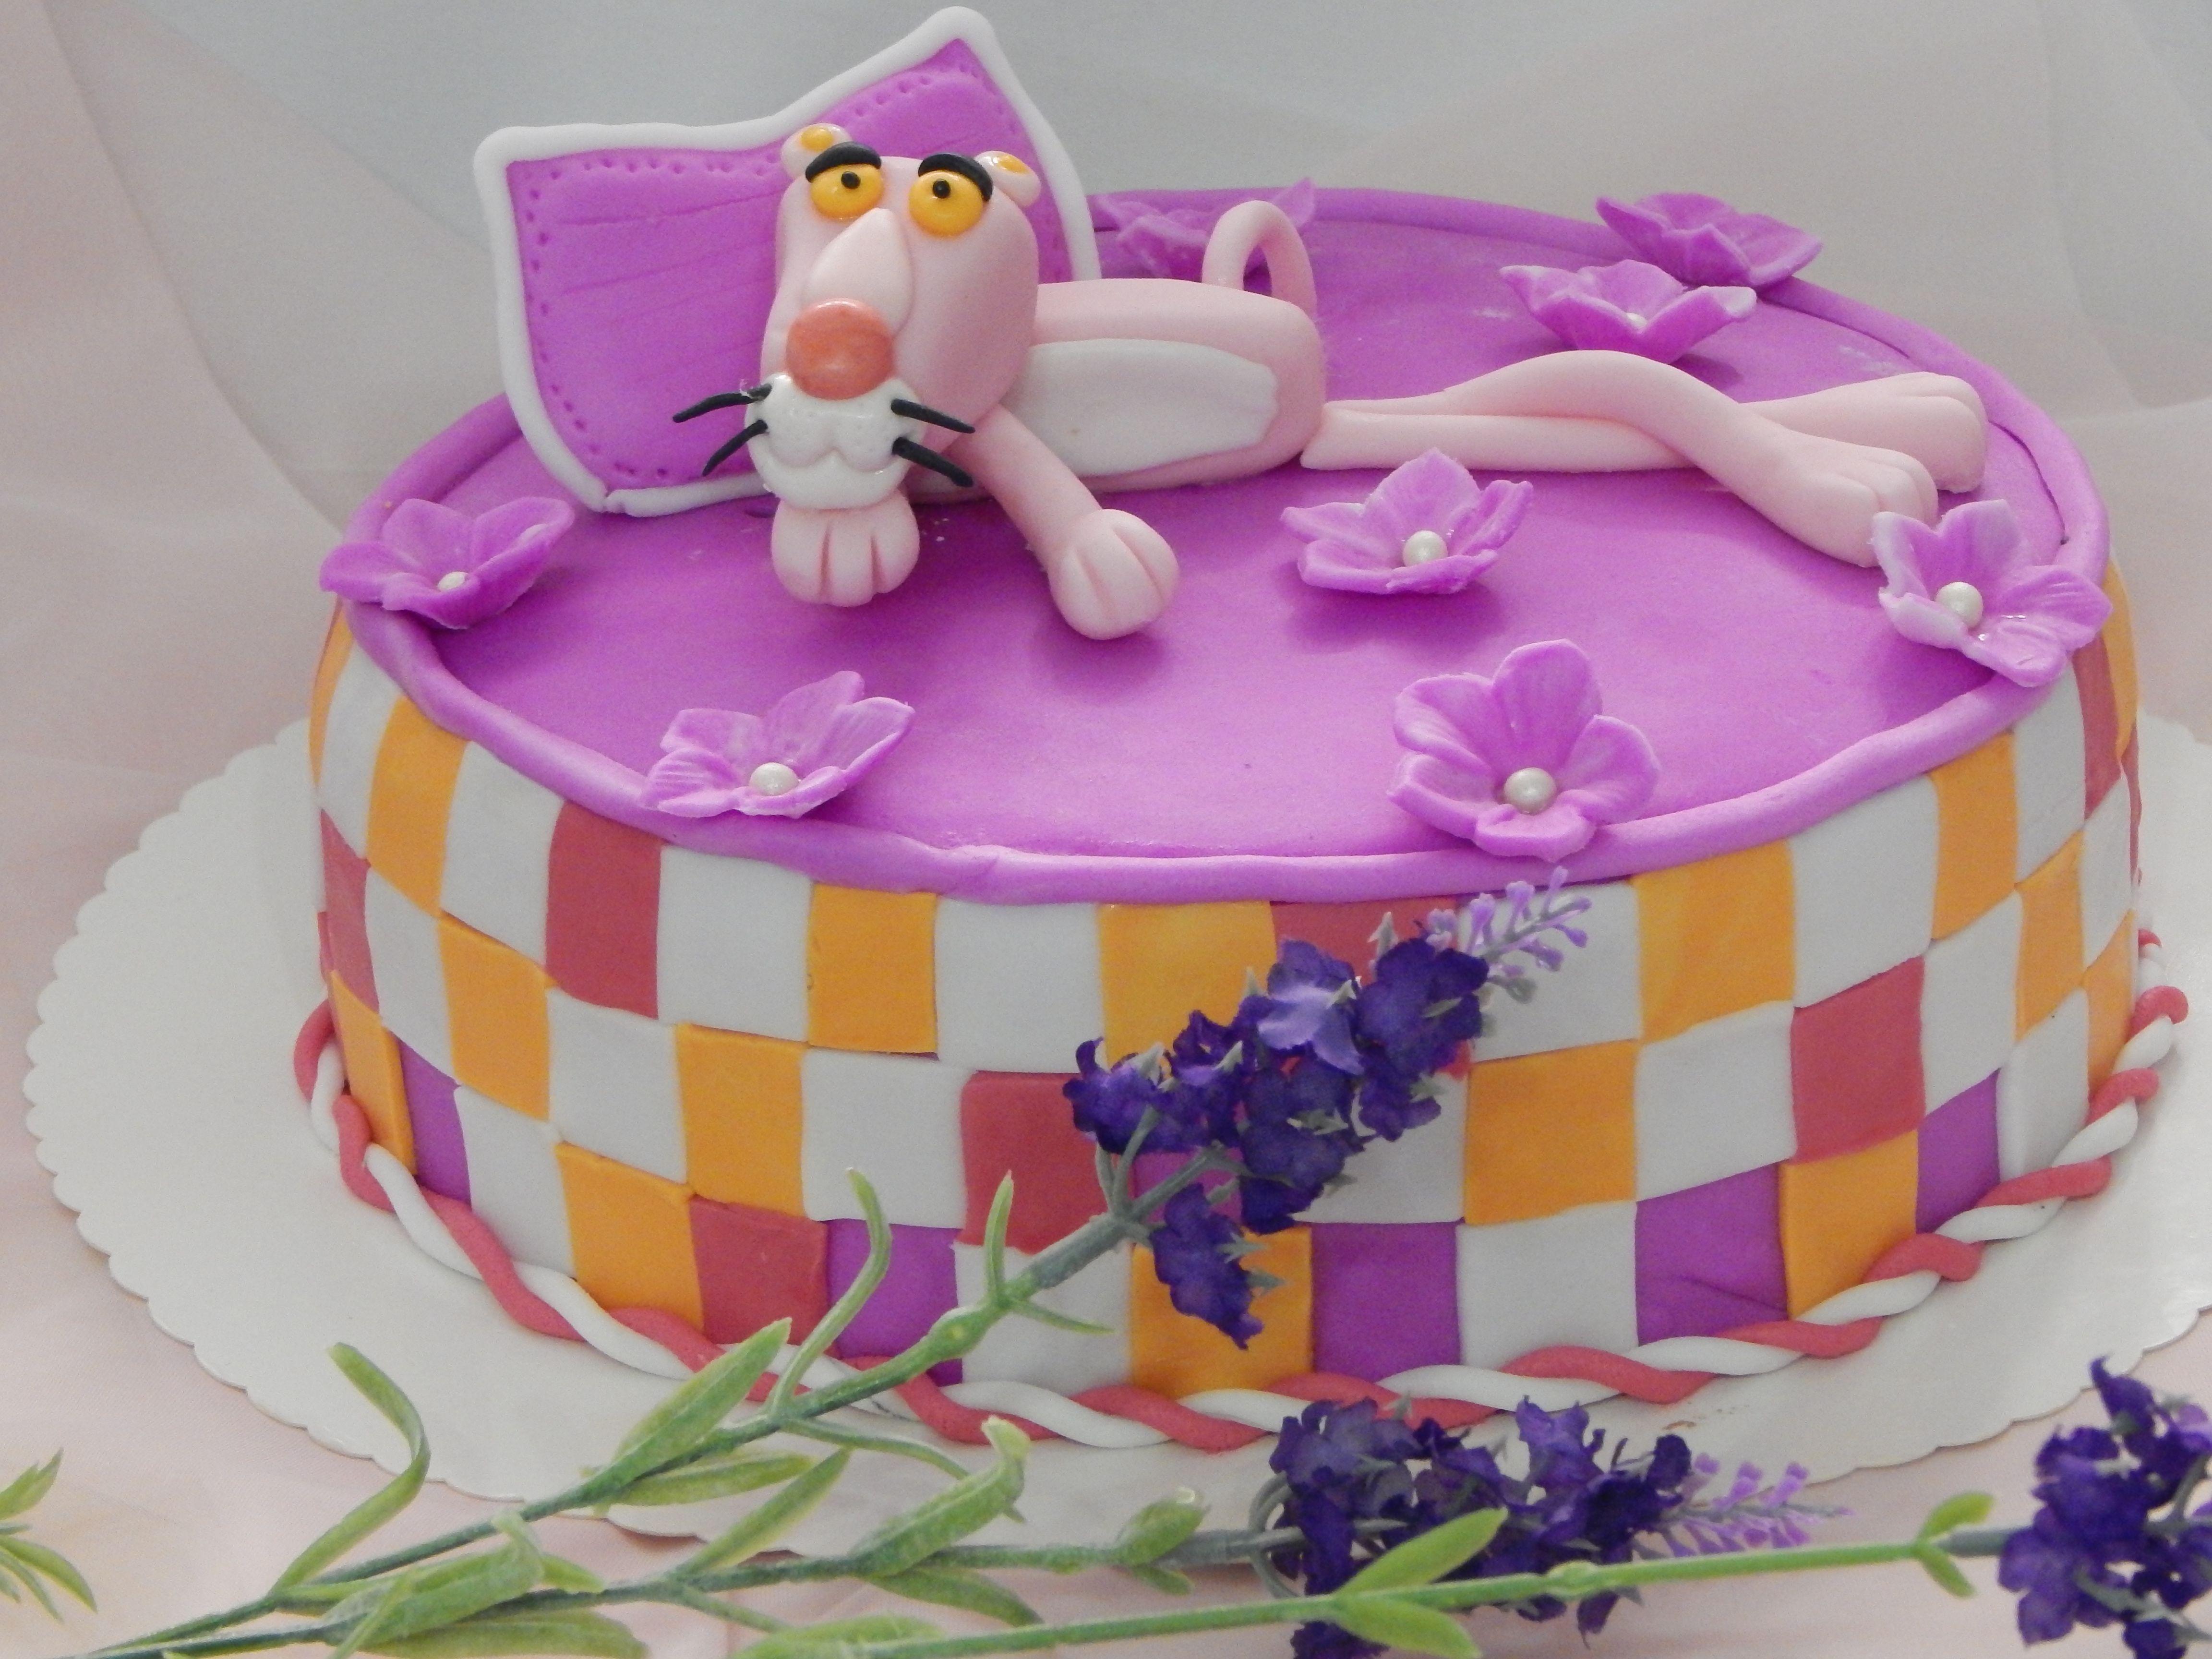 Pink Panther Rosarote Panther Fondant Tutorial Anleitung und Rezept findet ihr auf meiner Seite danis